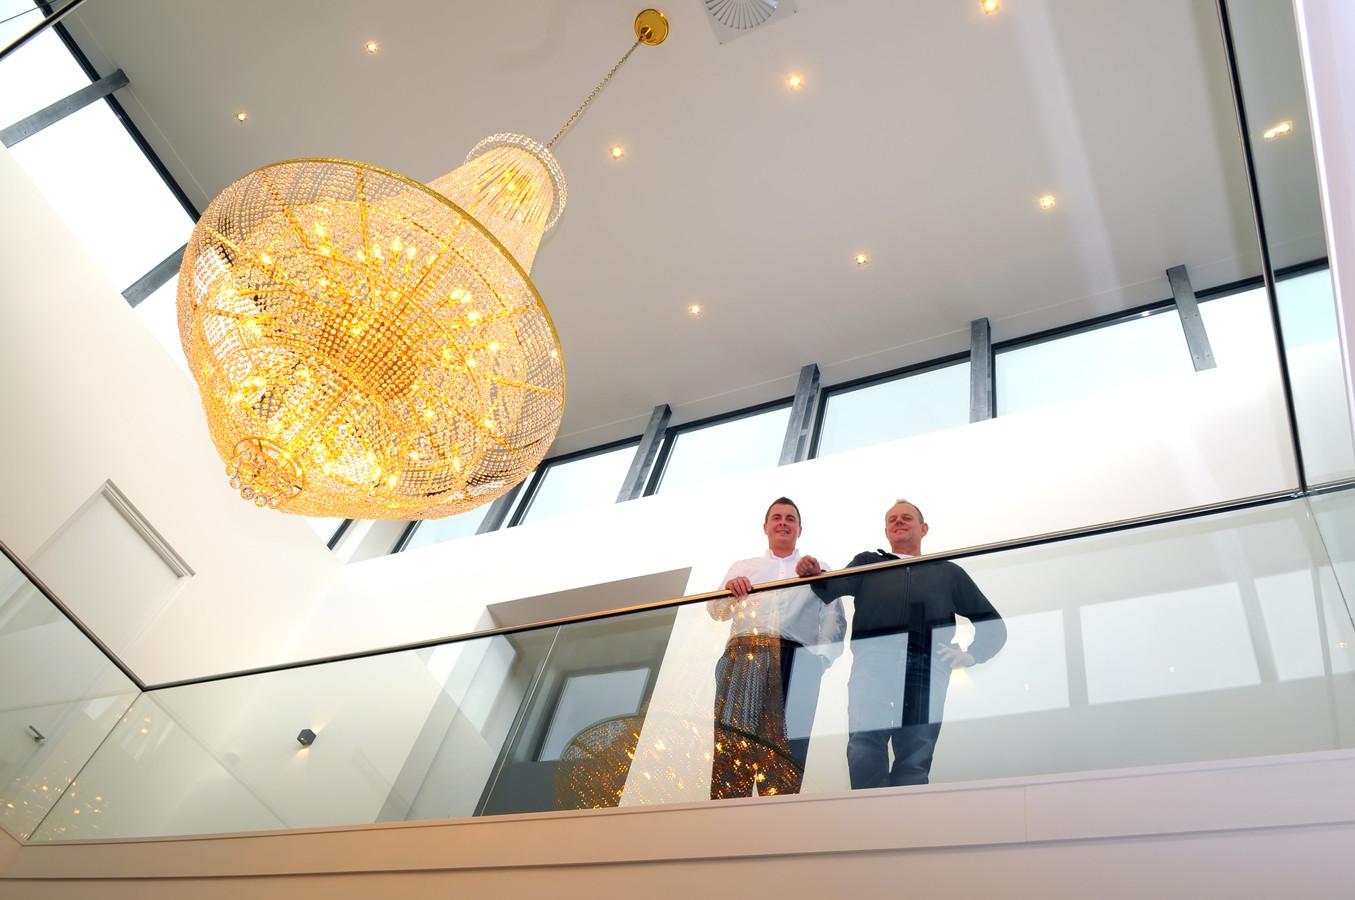 Ruud Schoone uit Zevenbergen (rechts) heeft het 'Huis van Hoppen' in Prinsenbeek gekocht, samen met zijn partner Jorg Braat. Ze wonen er al, het is nog niet helemaal af. Foto Jan Stads / Pix4Profs